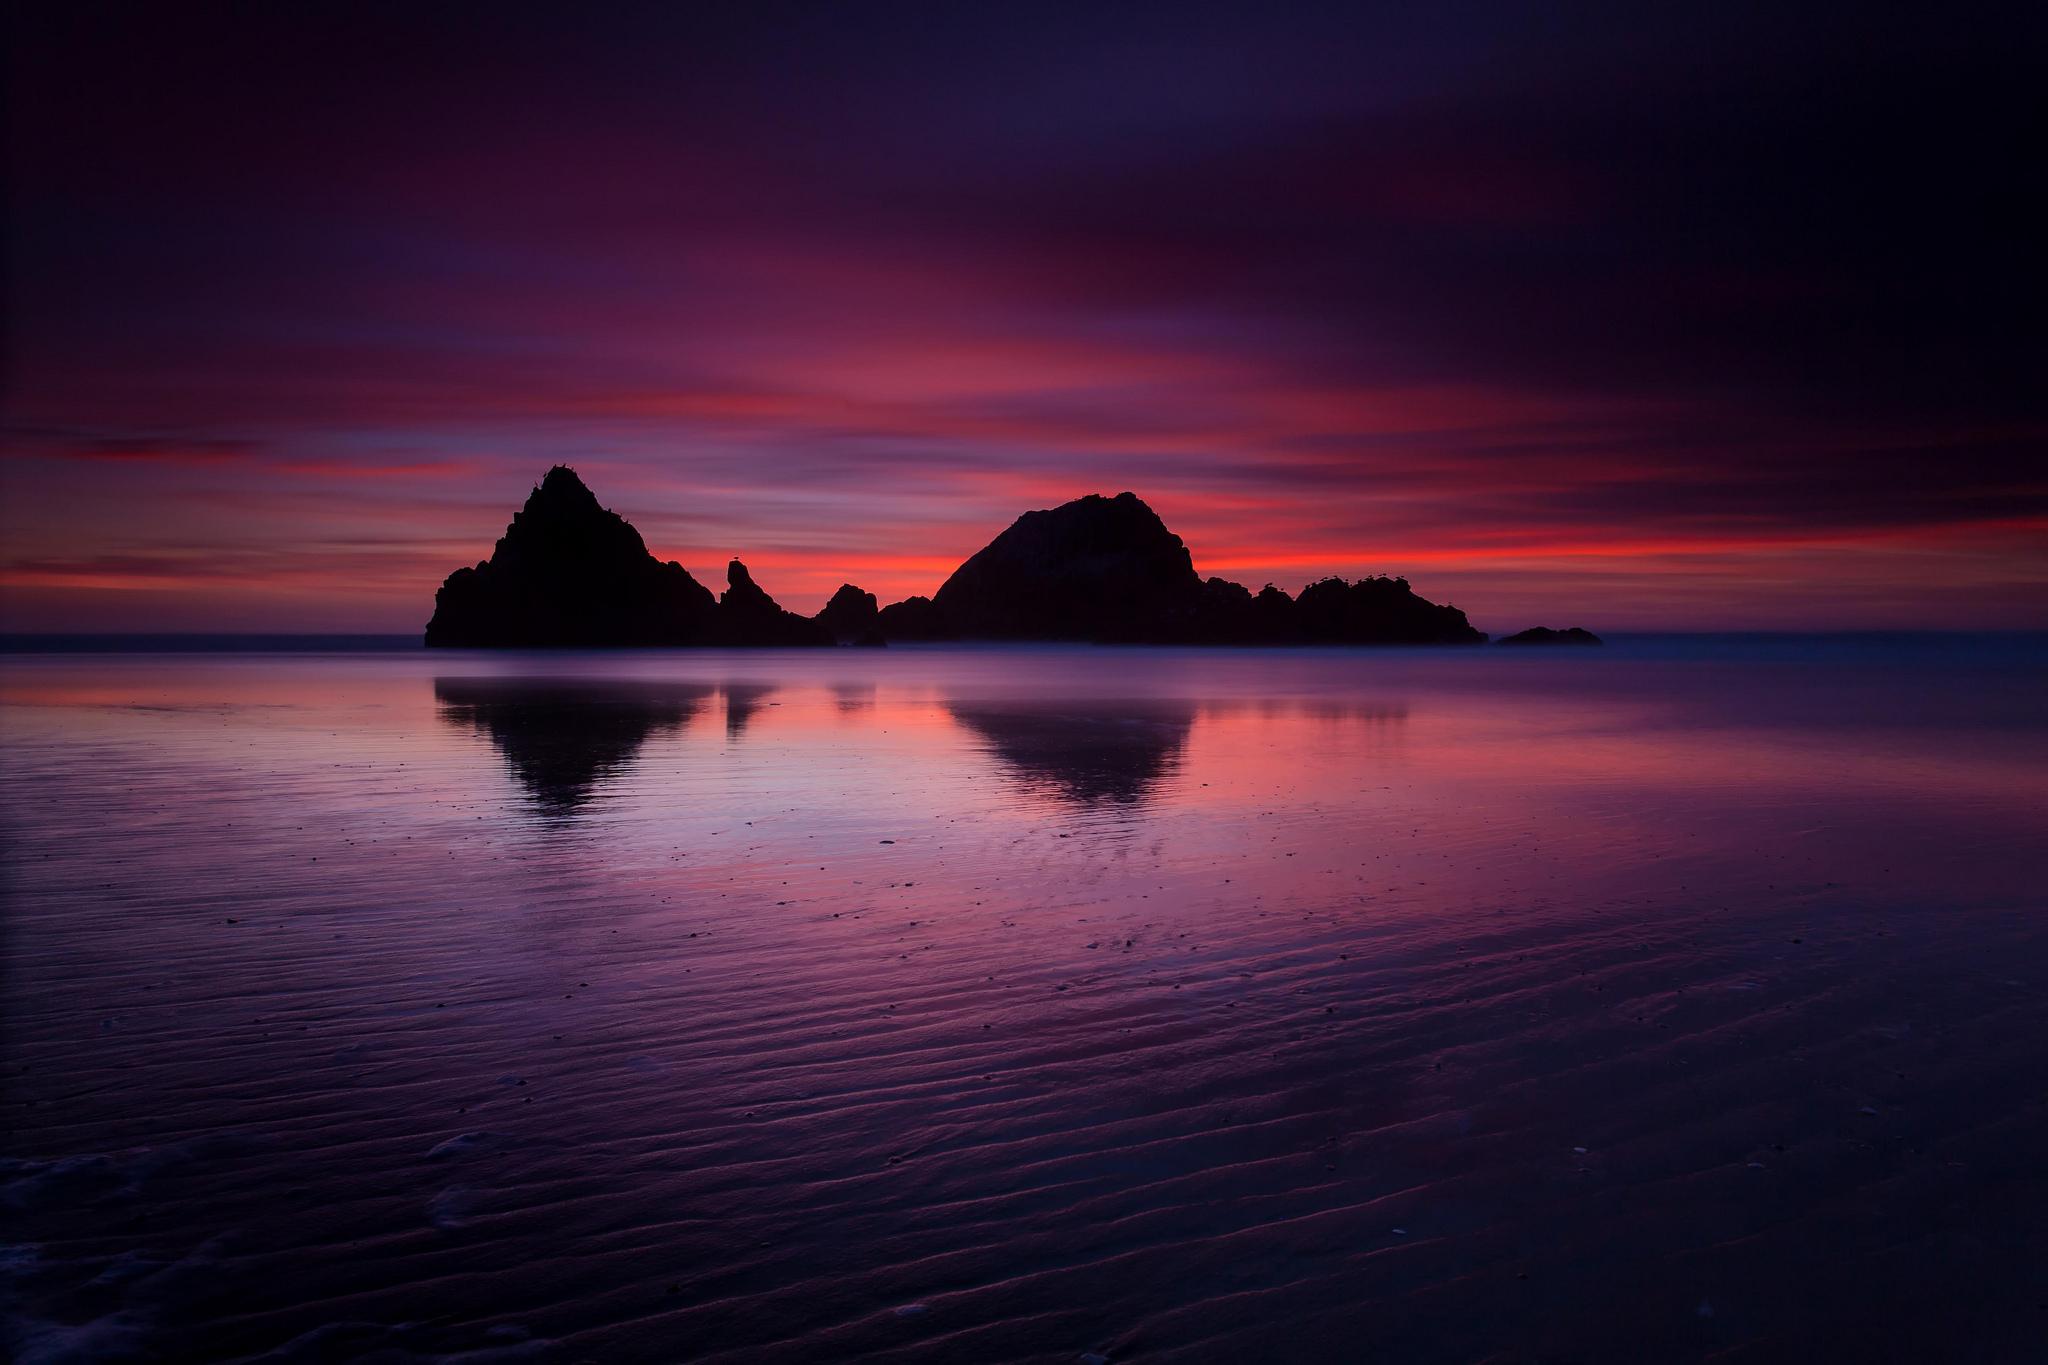 розовый закат, море, горы  № 3110145 бесплатно